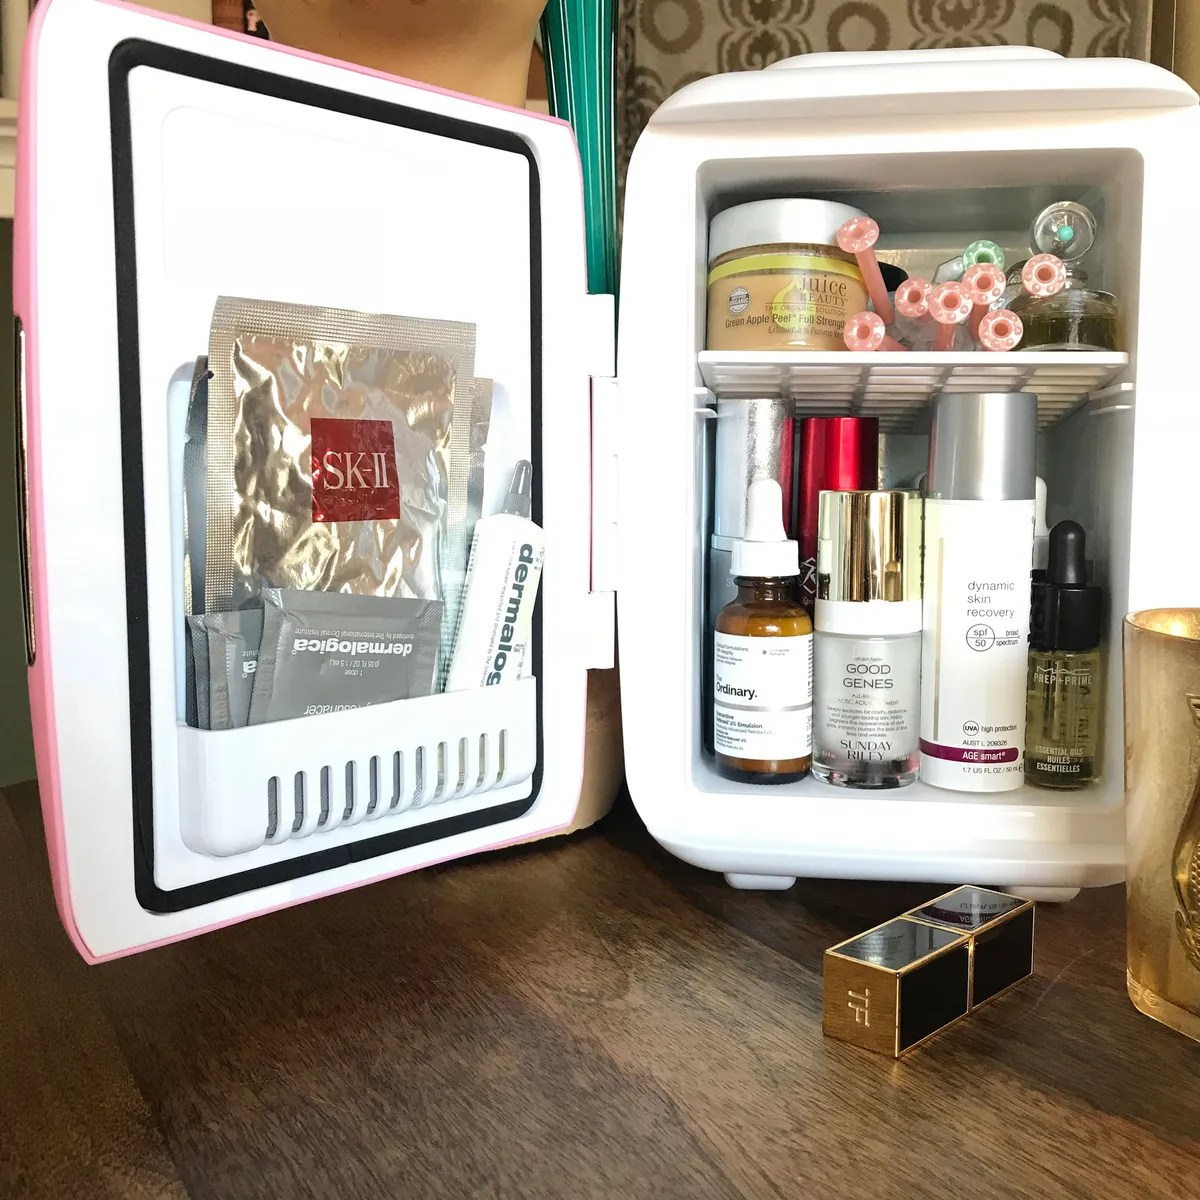 cooluli mini fridge for skincare review